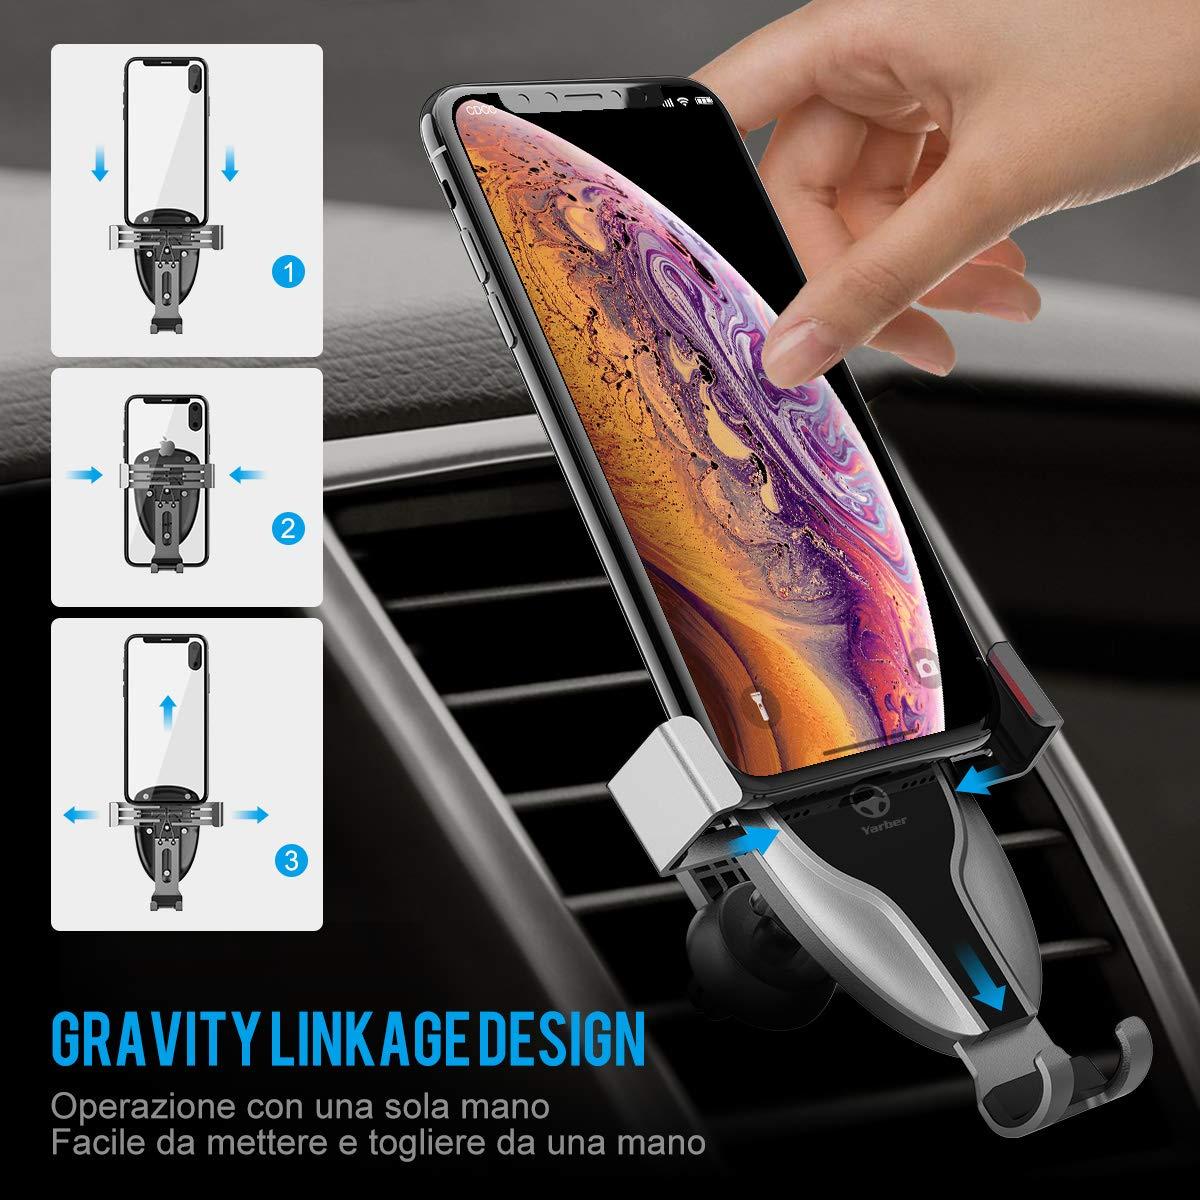 Porta Cellulare da Auto Air Vent per iPhone X 8 7 8 Plus 7 Plus Smartphone Android e Altri Yarber Supporto Smartphone per Auto 360 Gradi di Rotazione Porta Cellulare da Auto